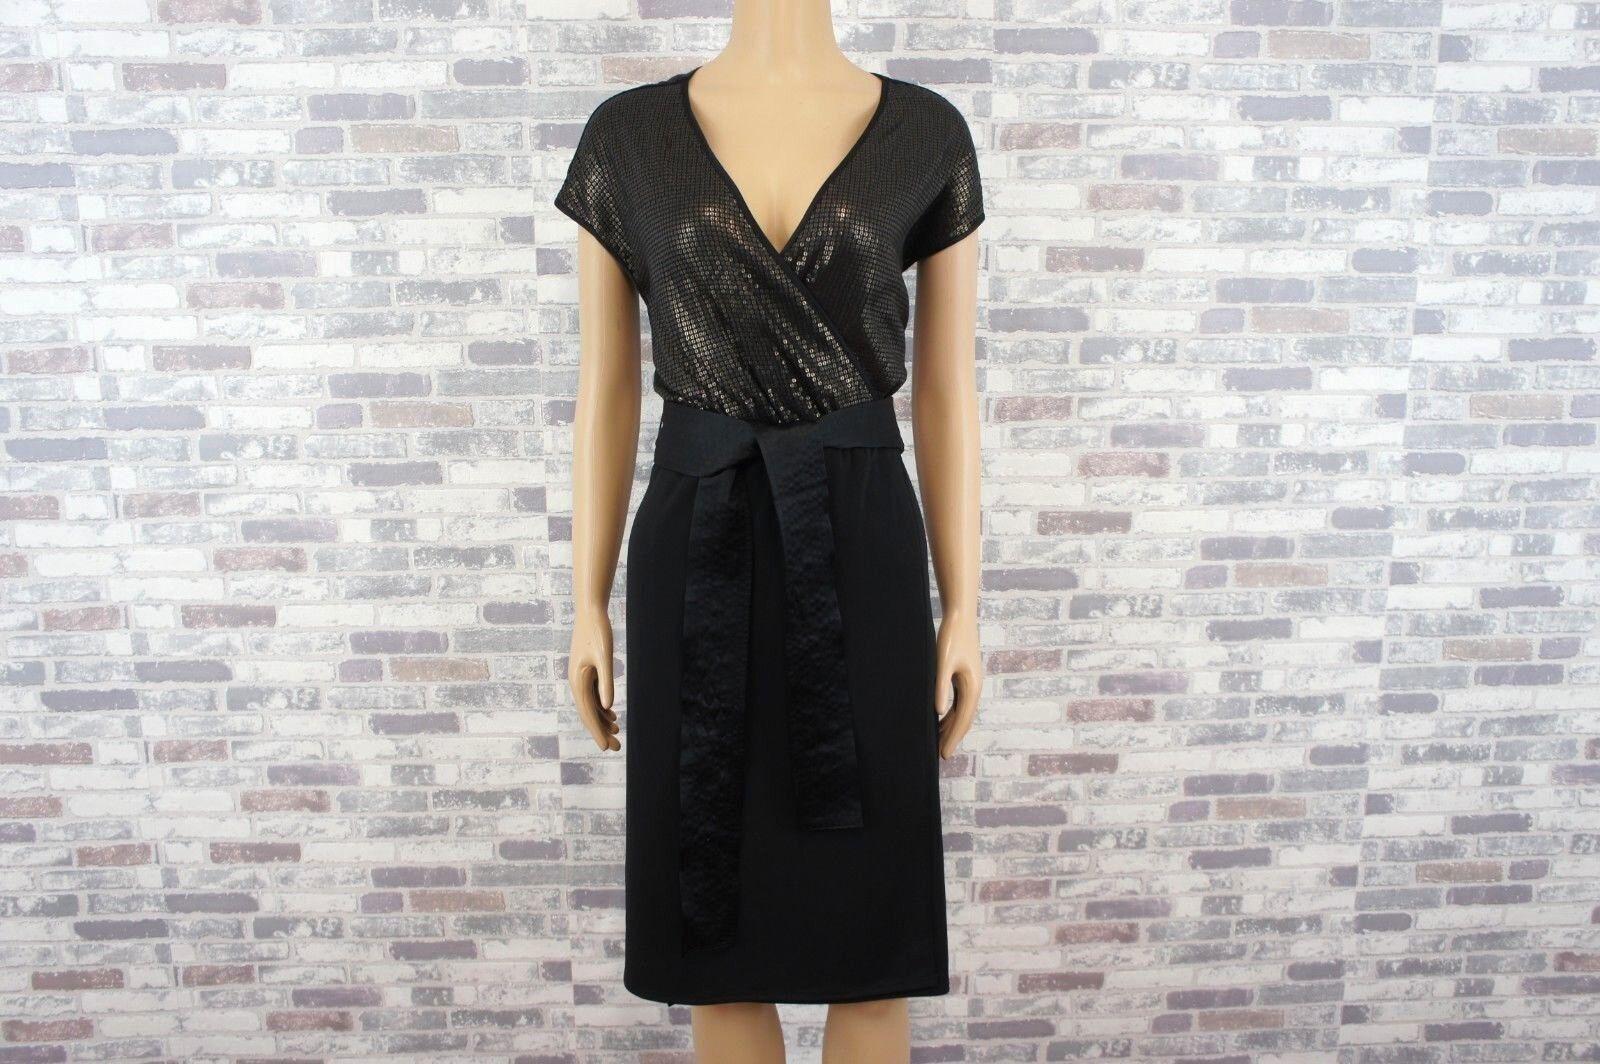 Narciso Rodriquez   Designer Paillettes Stretch Robe noir laiton   L   NEUF